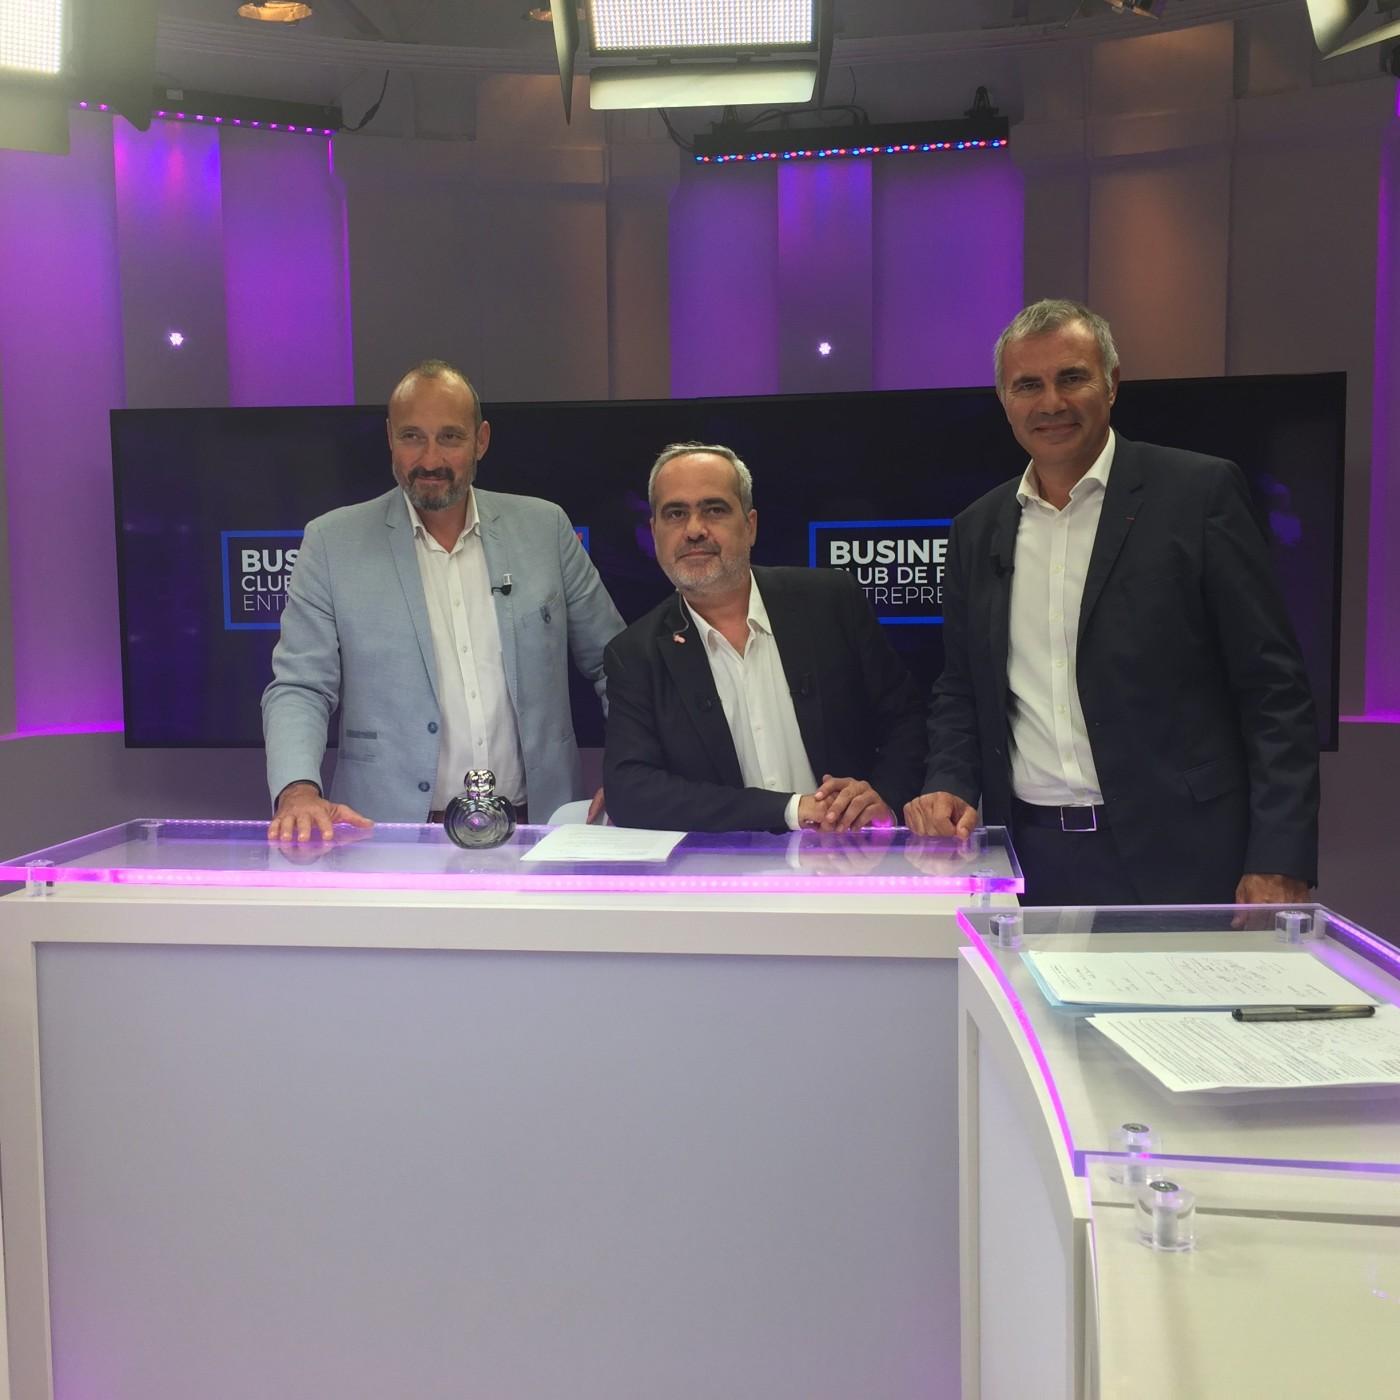 Business Club de France TV S2019 E14 : Olivier Sillion - Maison Berger